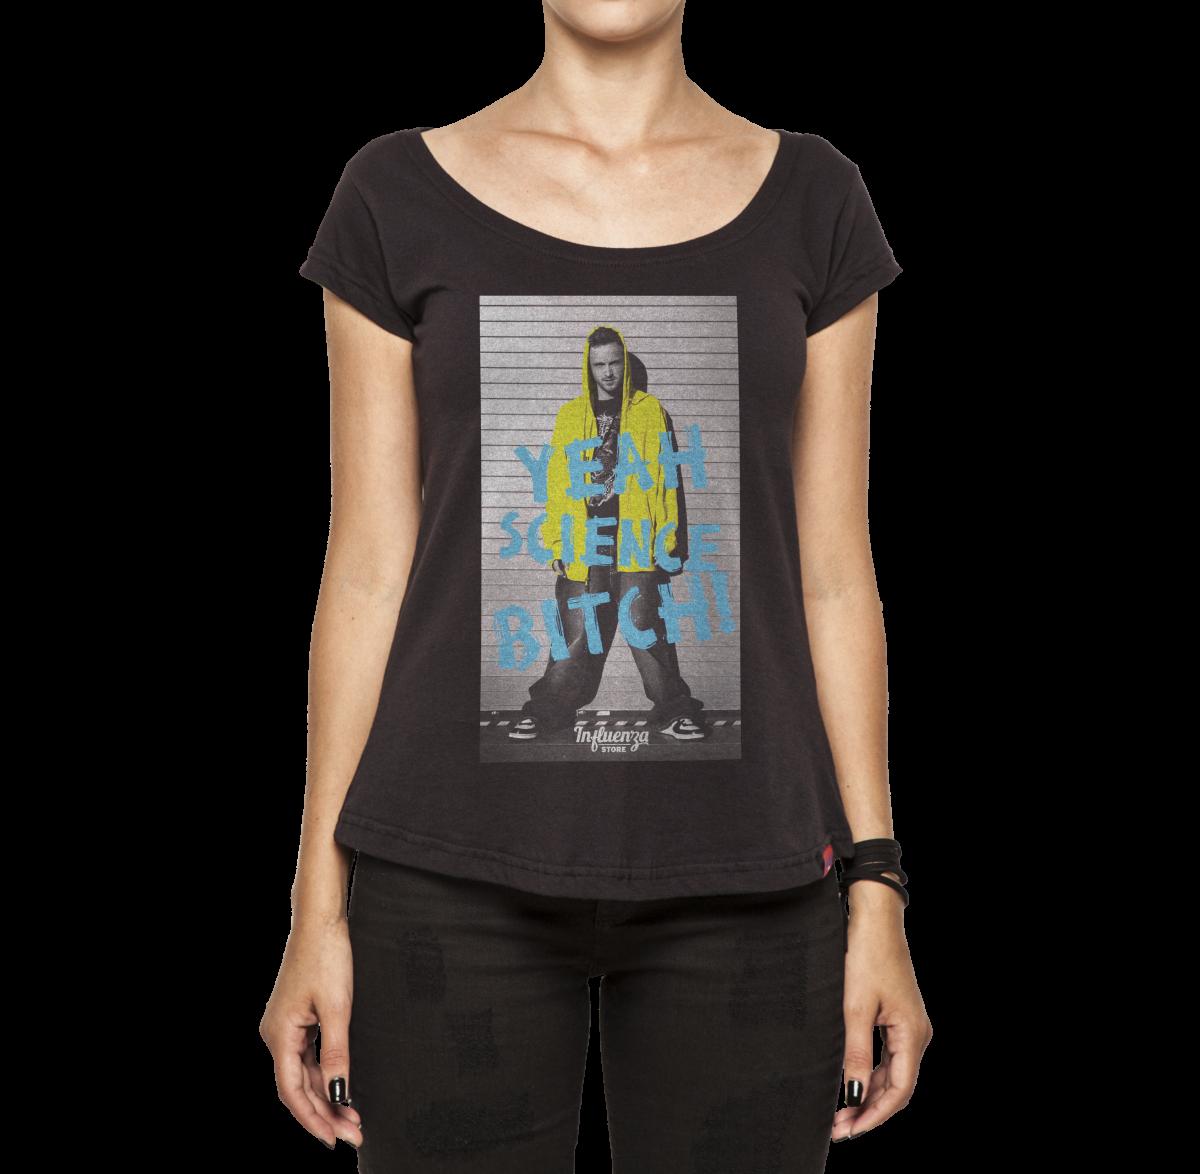 01836c32d Camiseta Feminina - Yeah Science Bitch - Breaking Bad